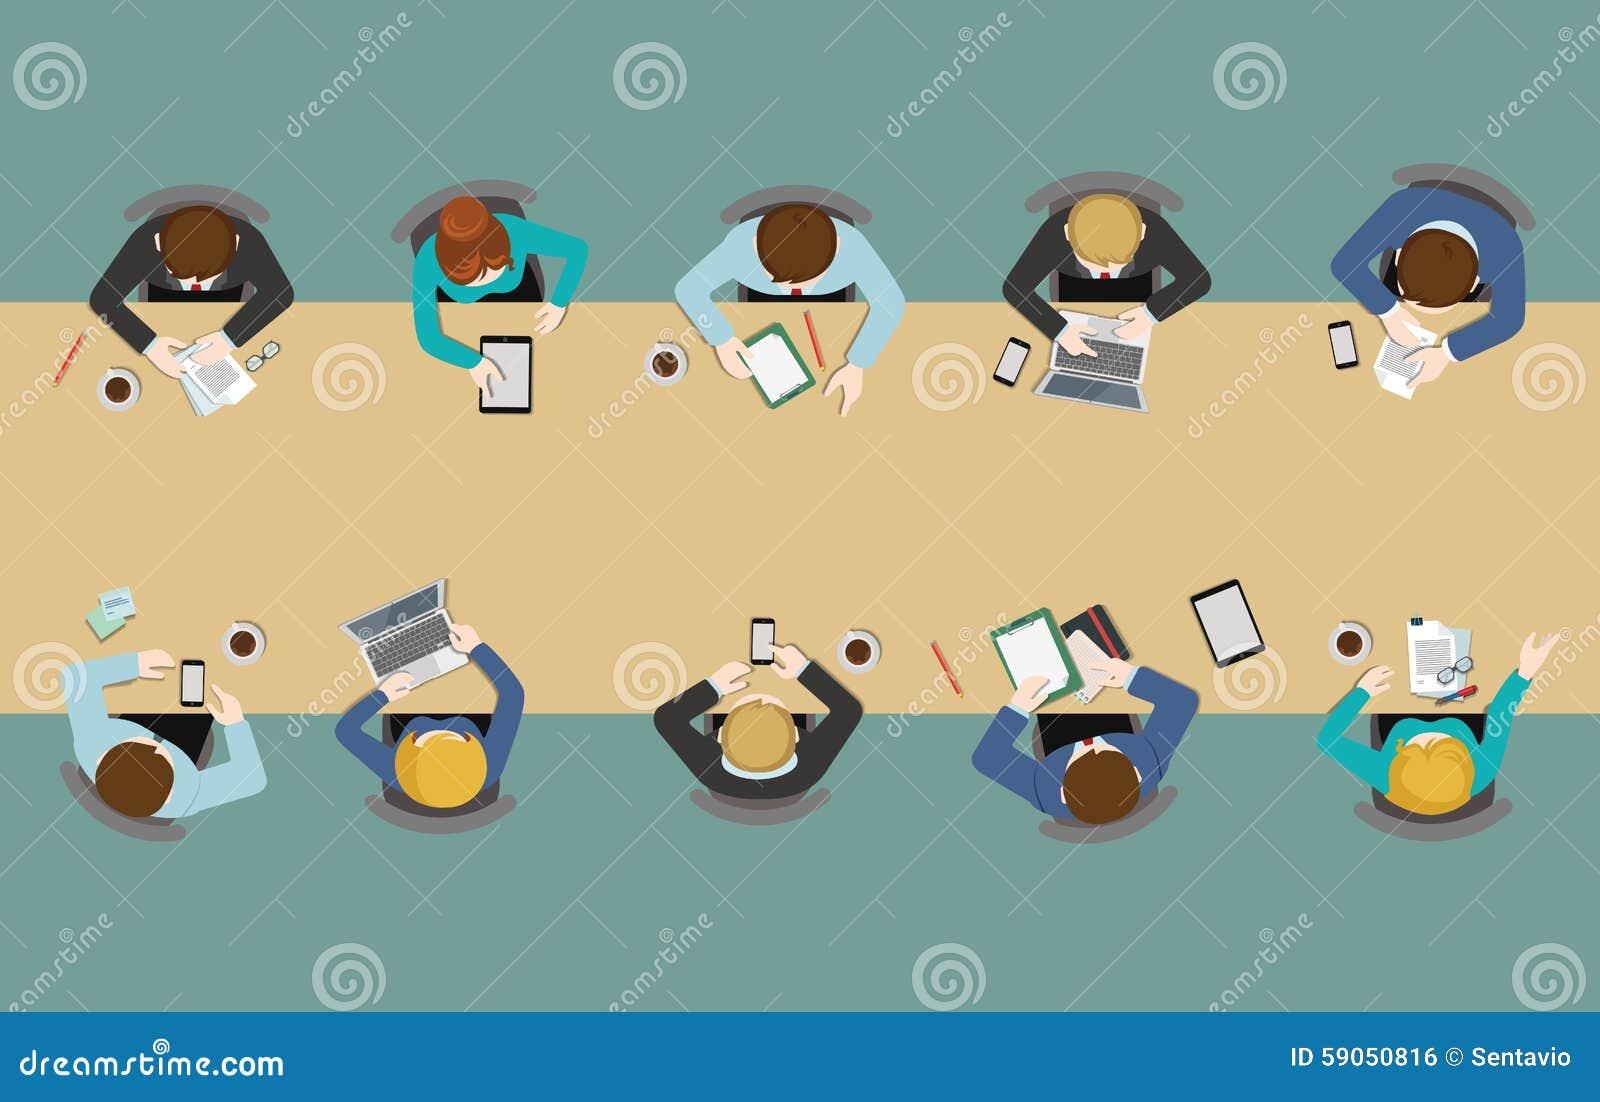 Vue supérieure plate de table de bureau : réunions, rapport, échange d idées, personnel